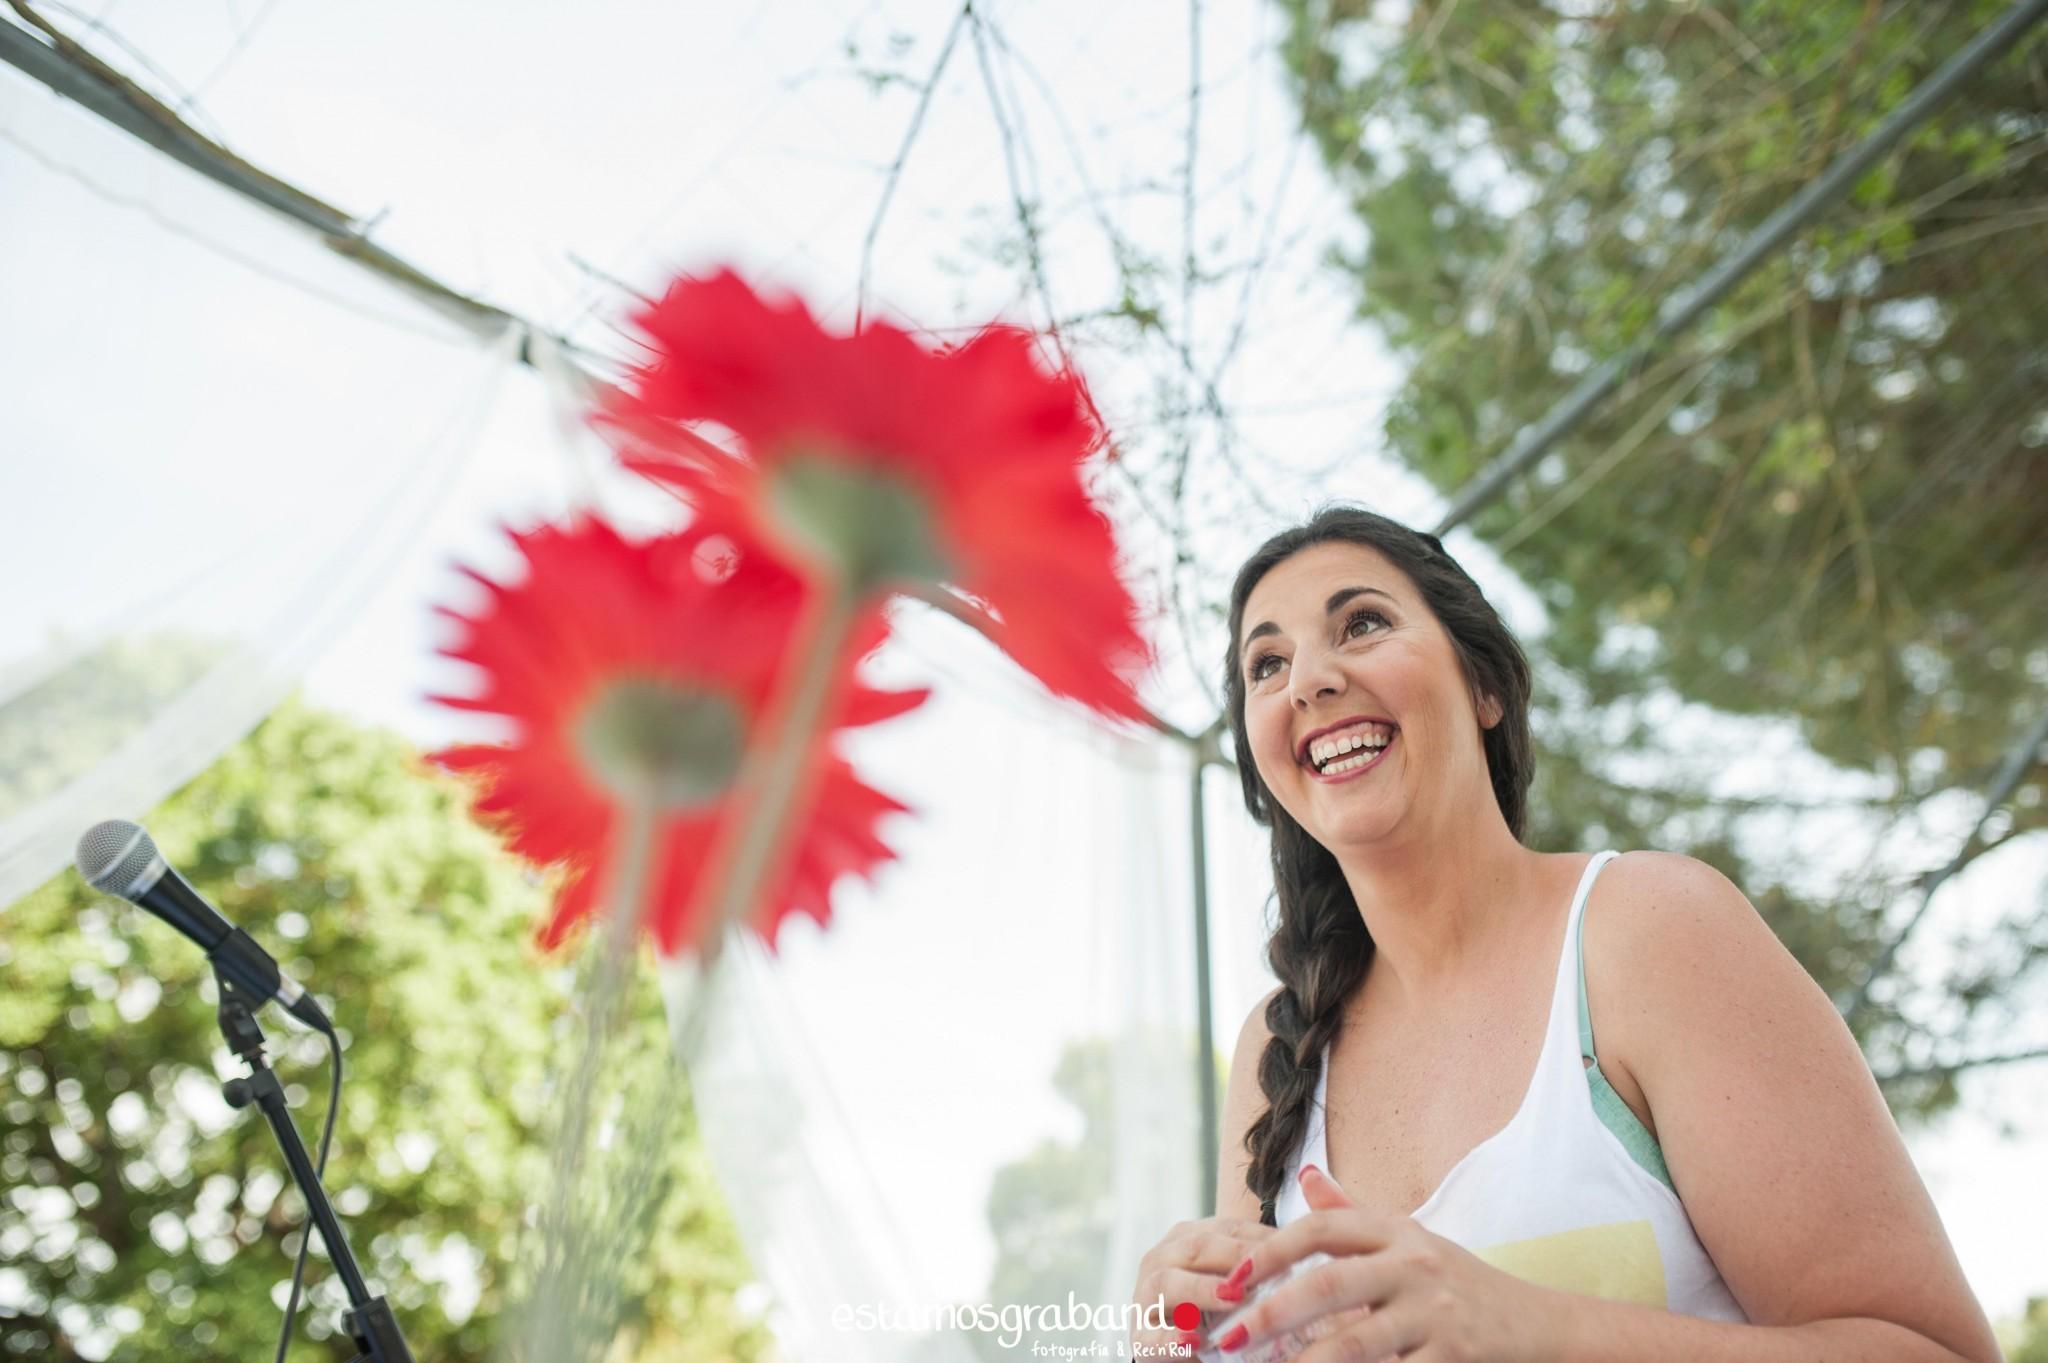 Cris-Rebeca-18 Fotografía de Boda, Rebeca & Cristina - video boda cadiz